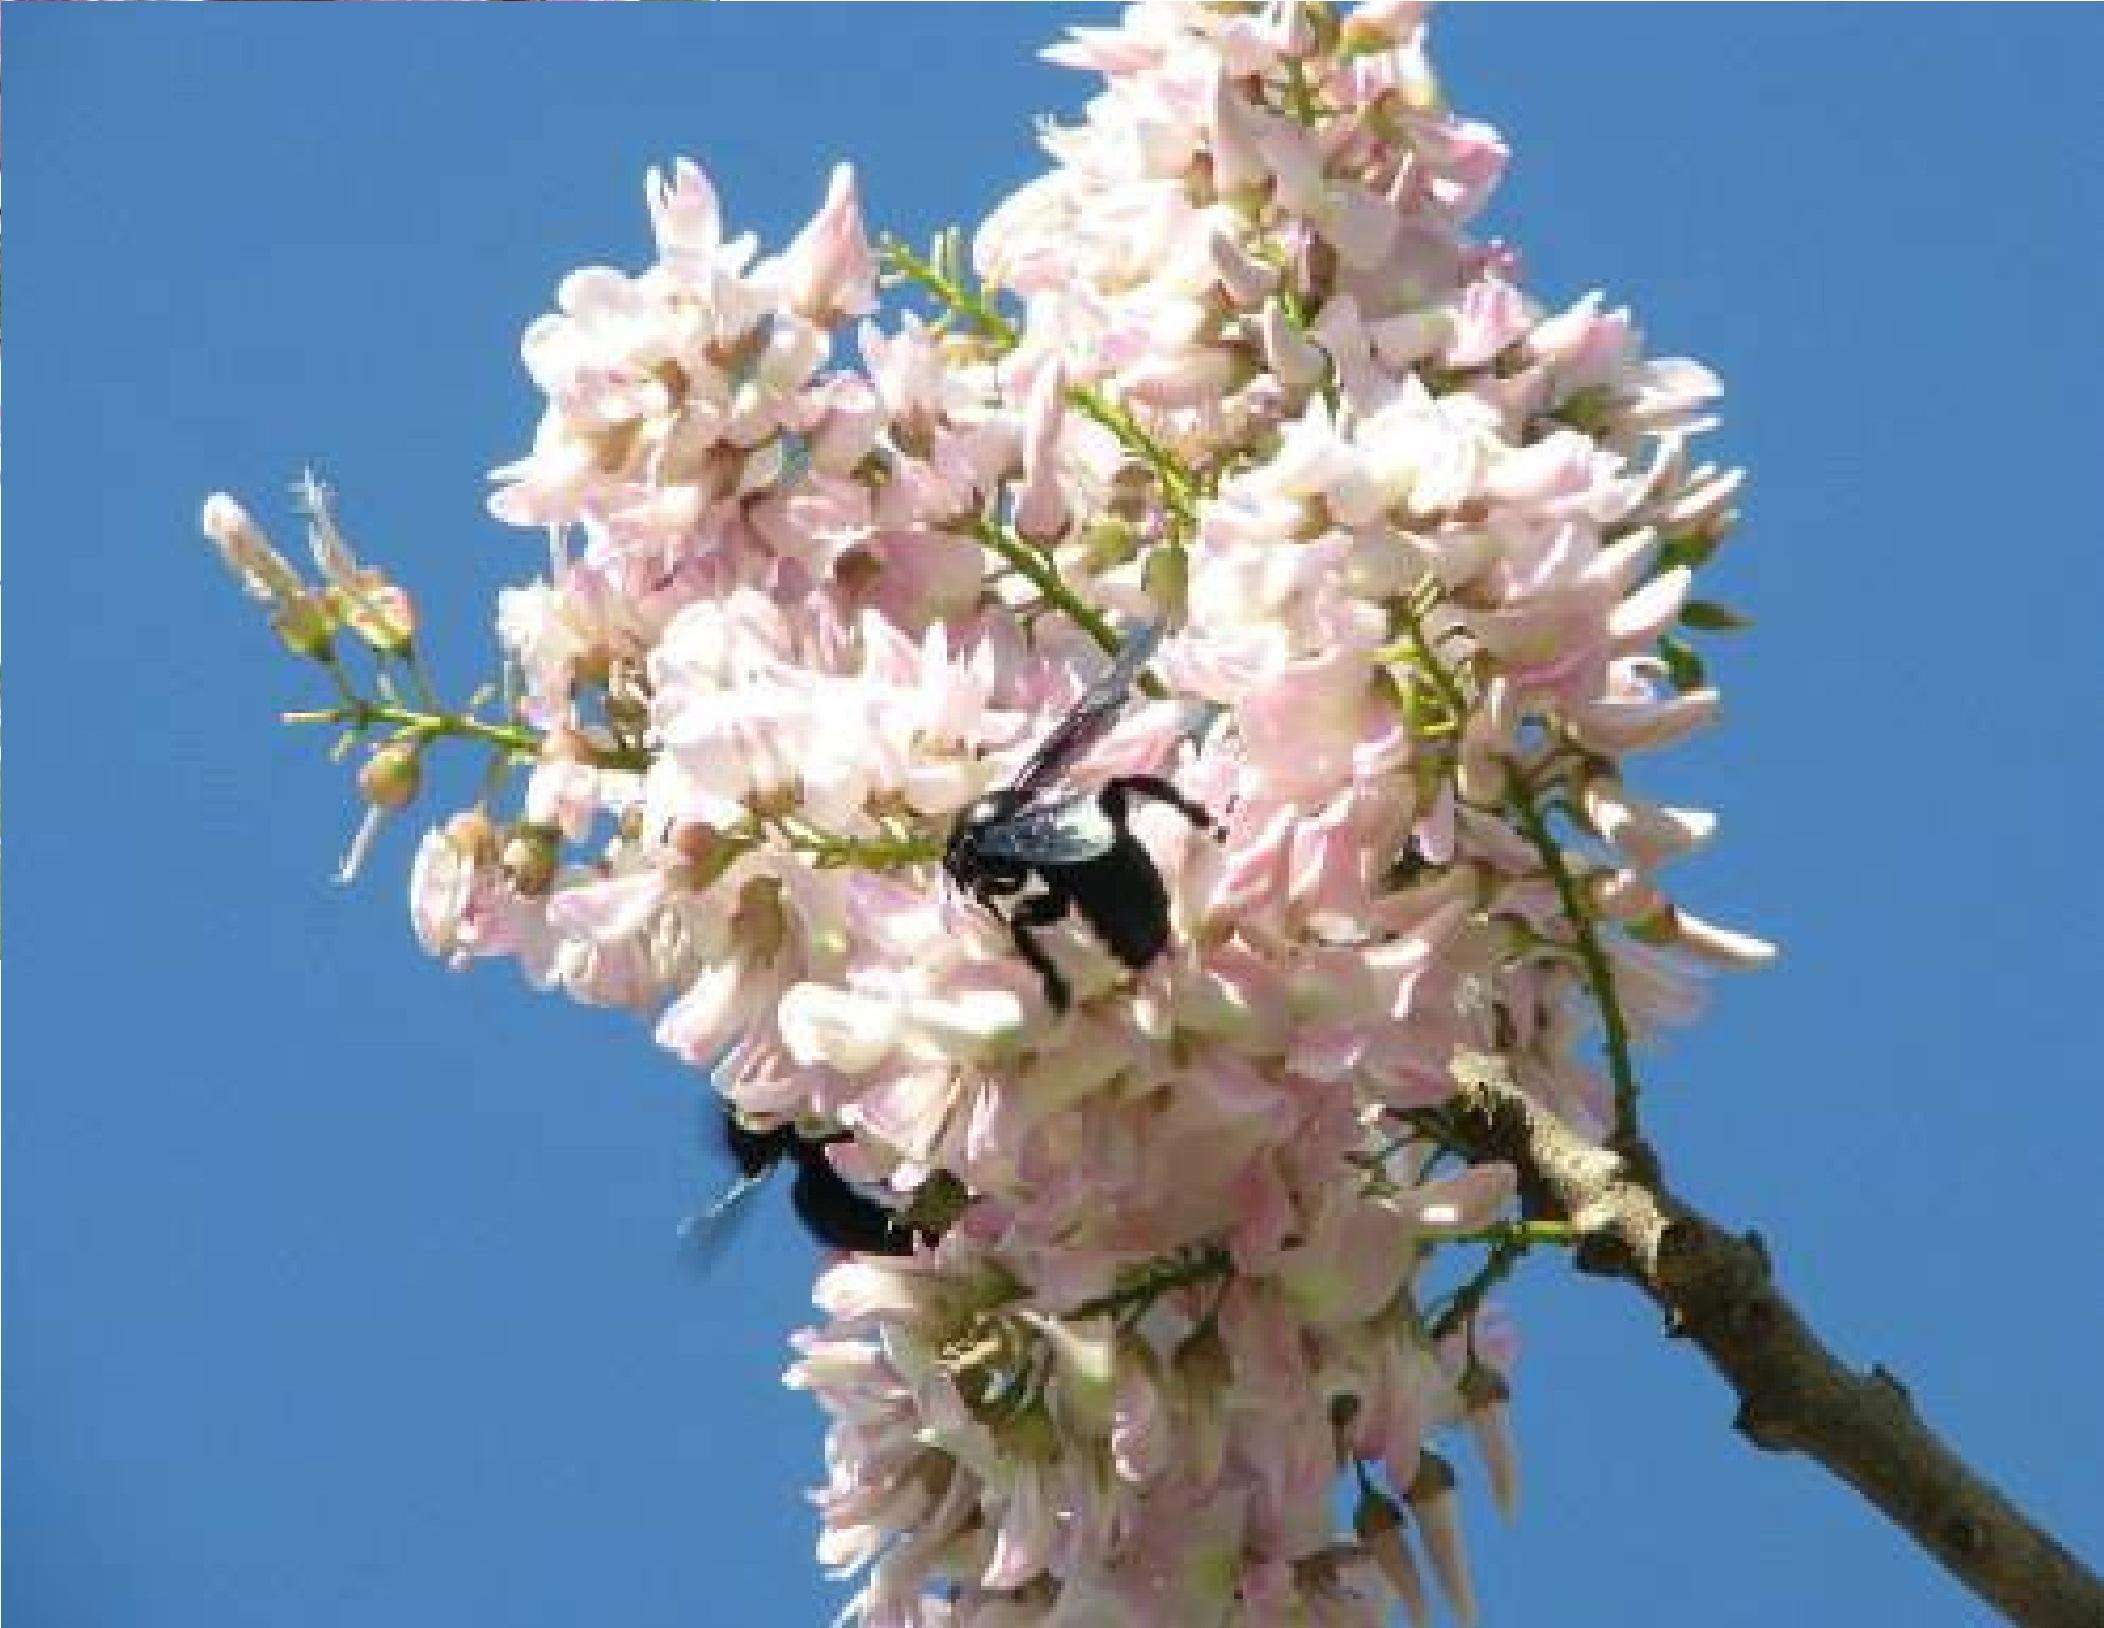 Ngắm hoa đỗ mai đẹp dịu dàng, lần đầu khoe sắc tại Hải Dương Ảnh 4